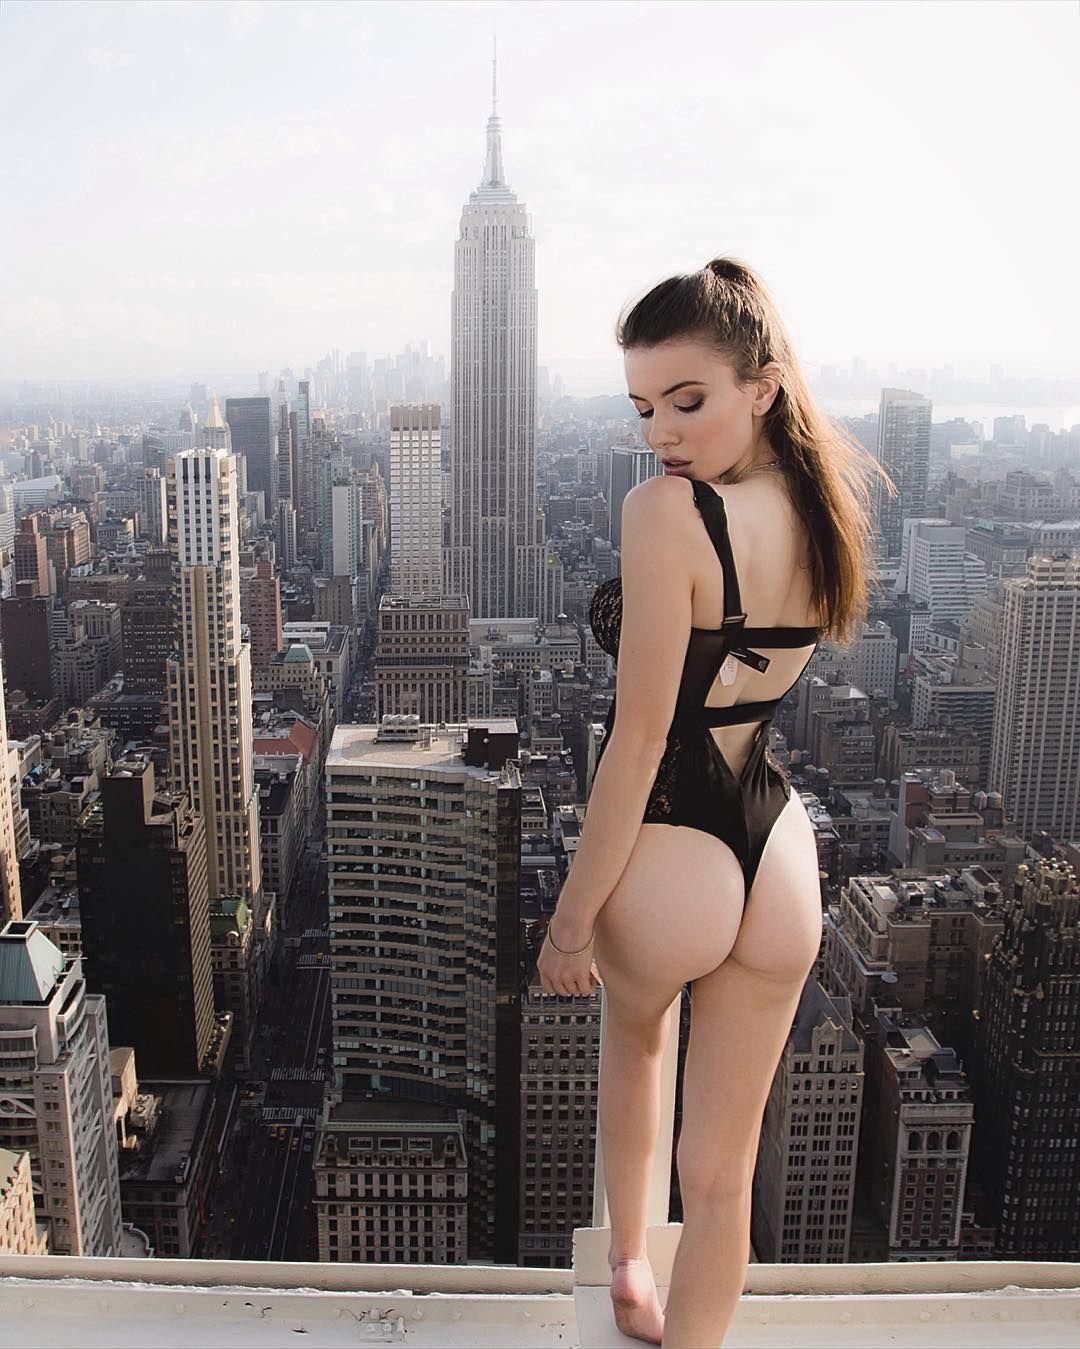 10万人の視線を奪った、背筋がゾクッとする「屋上美女写真」って?